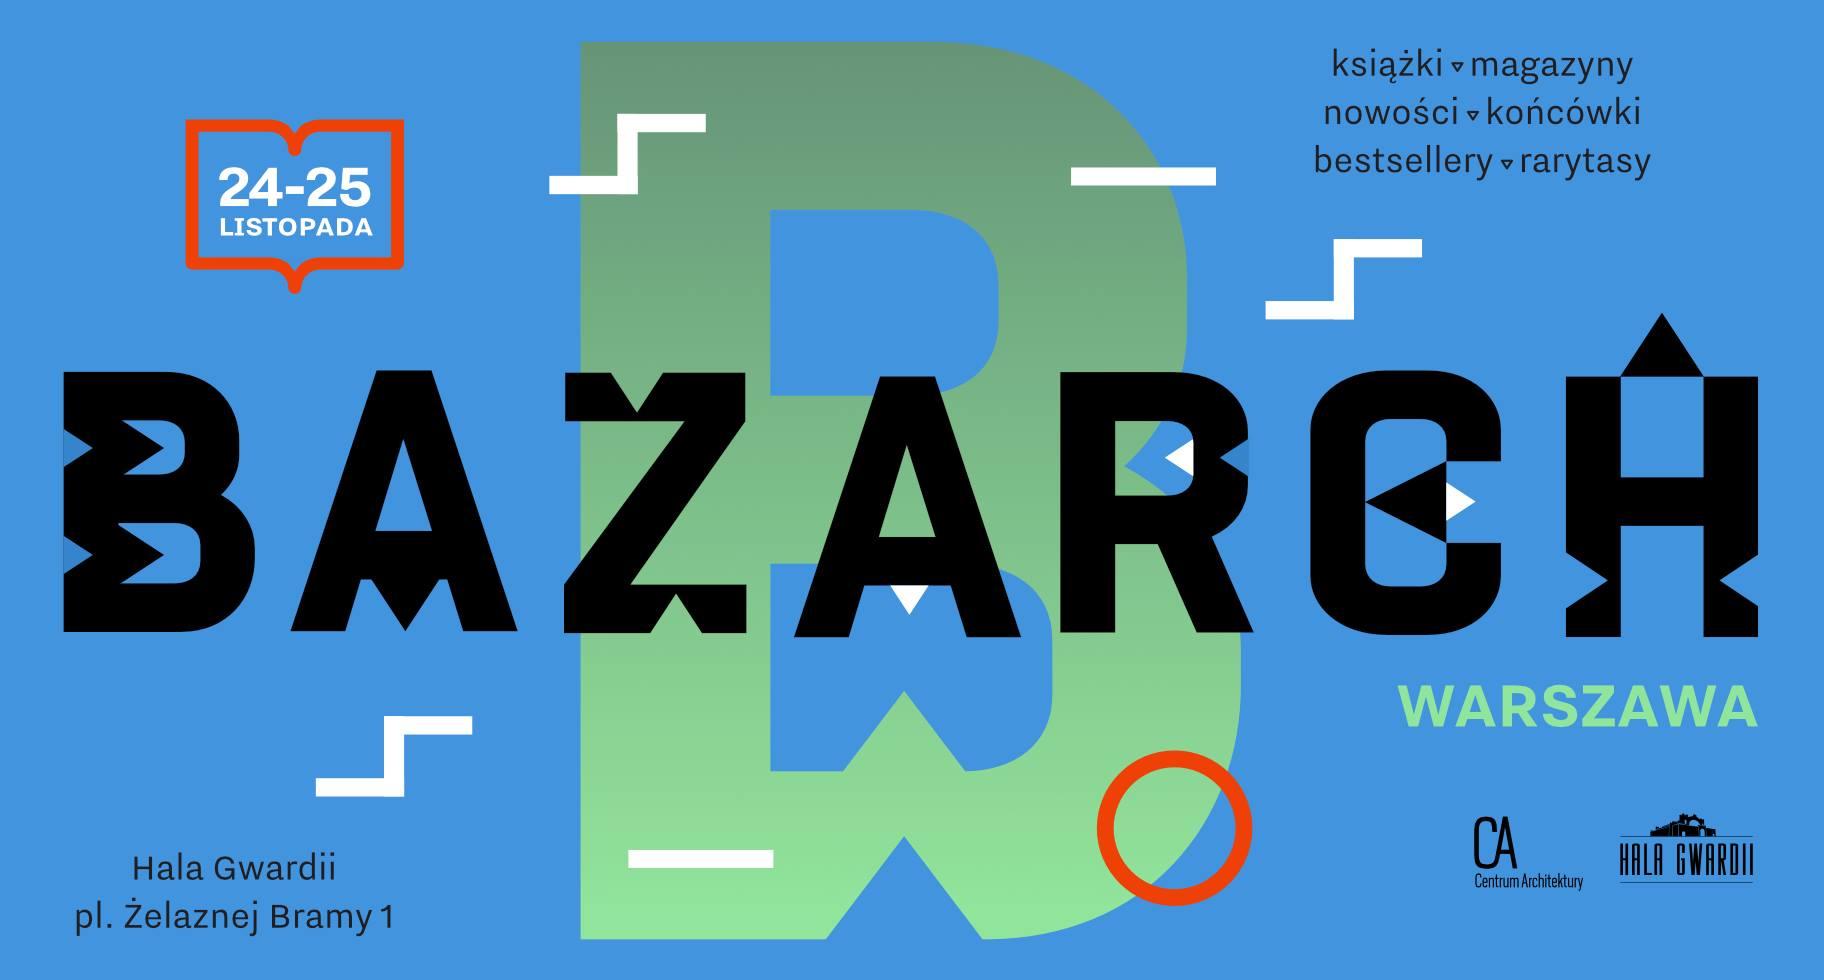 Bazarch_Warszawa_2018